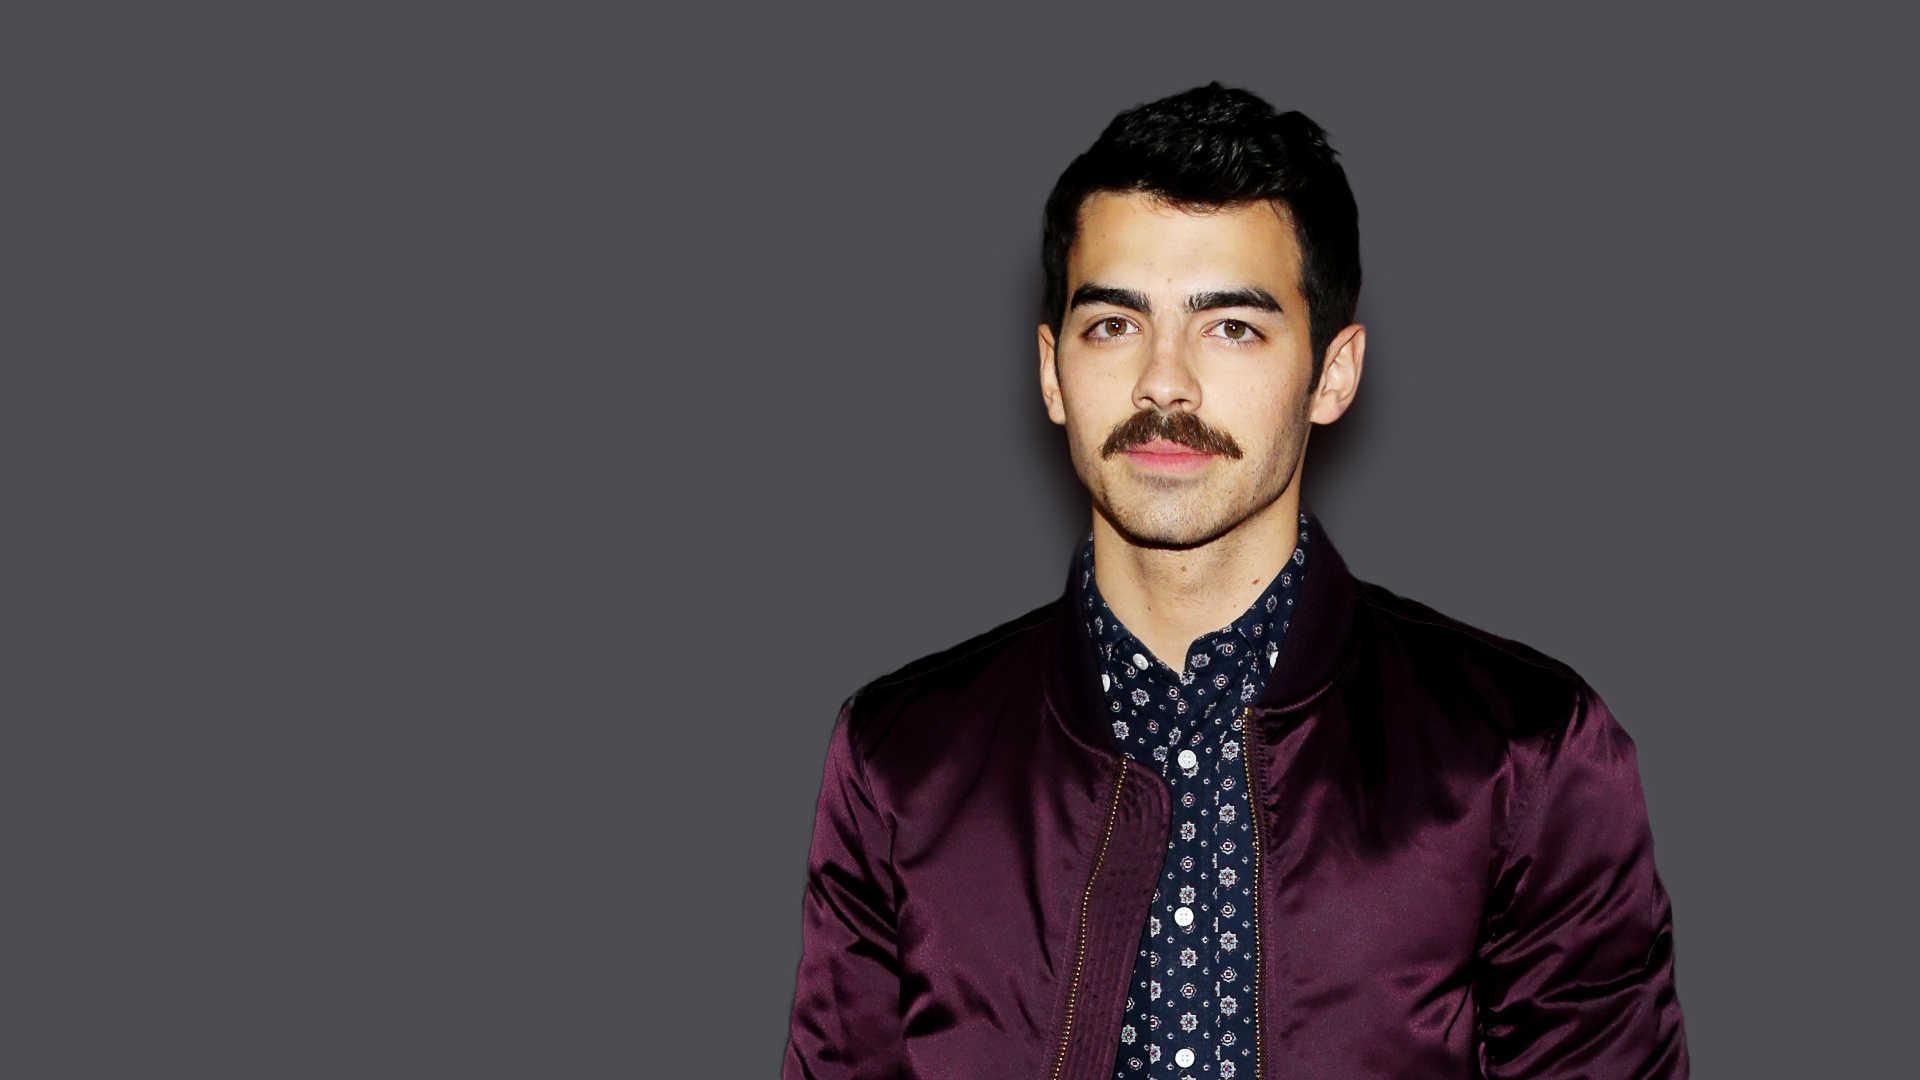 Joe Jonas Computer Backgrounds